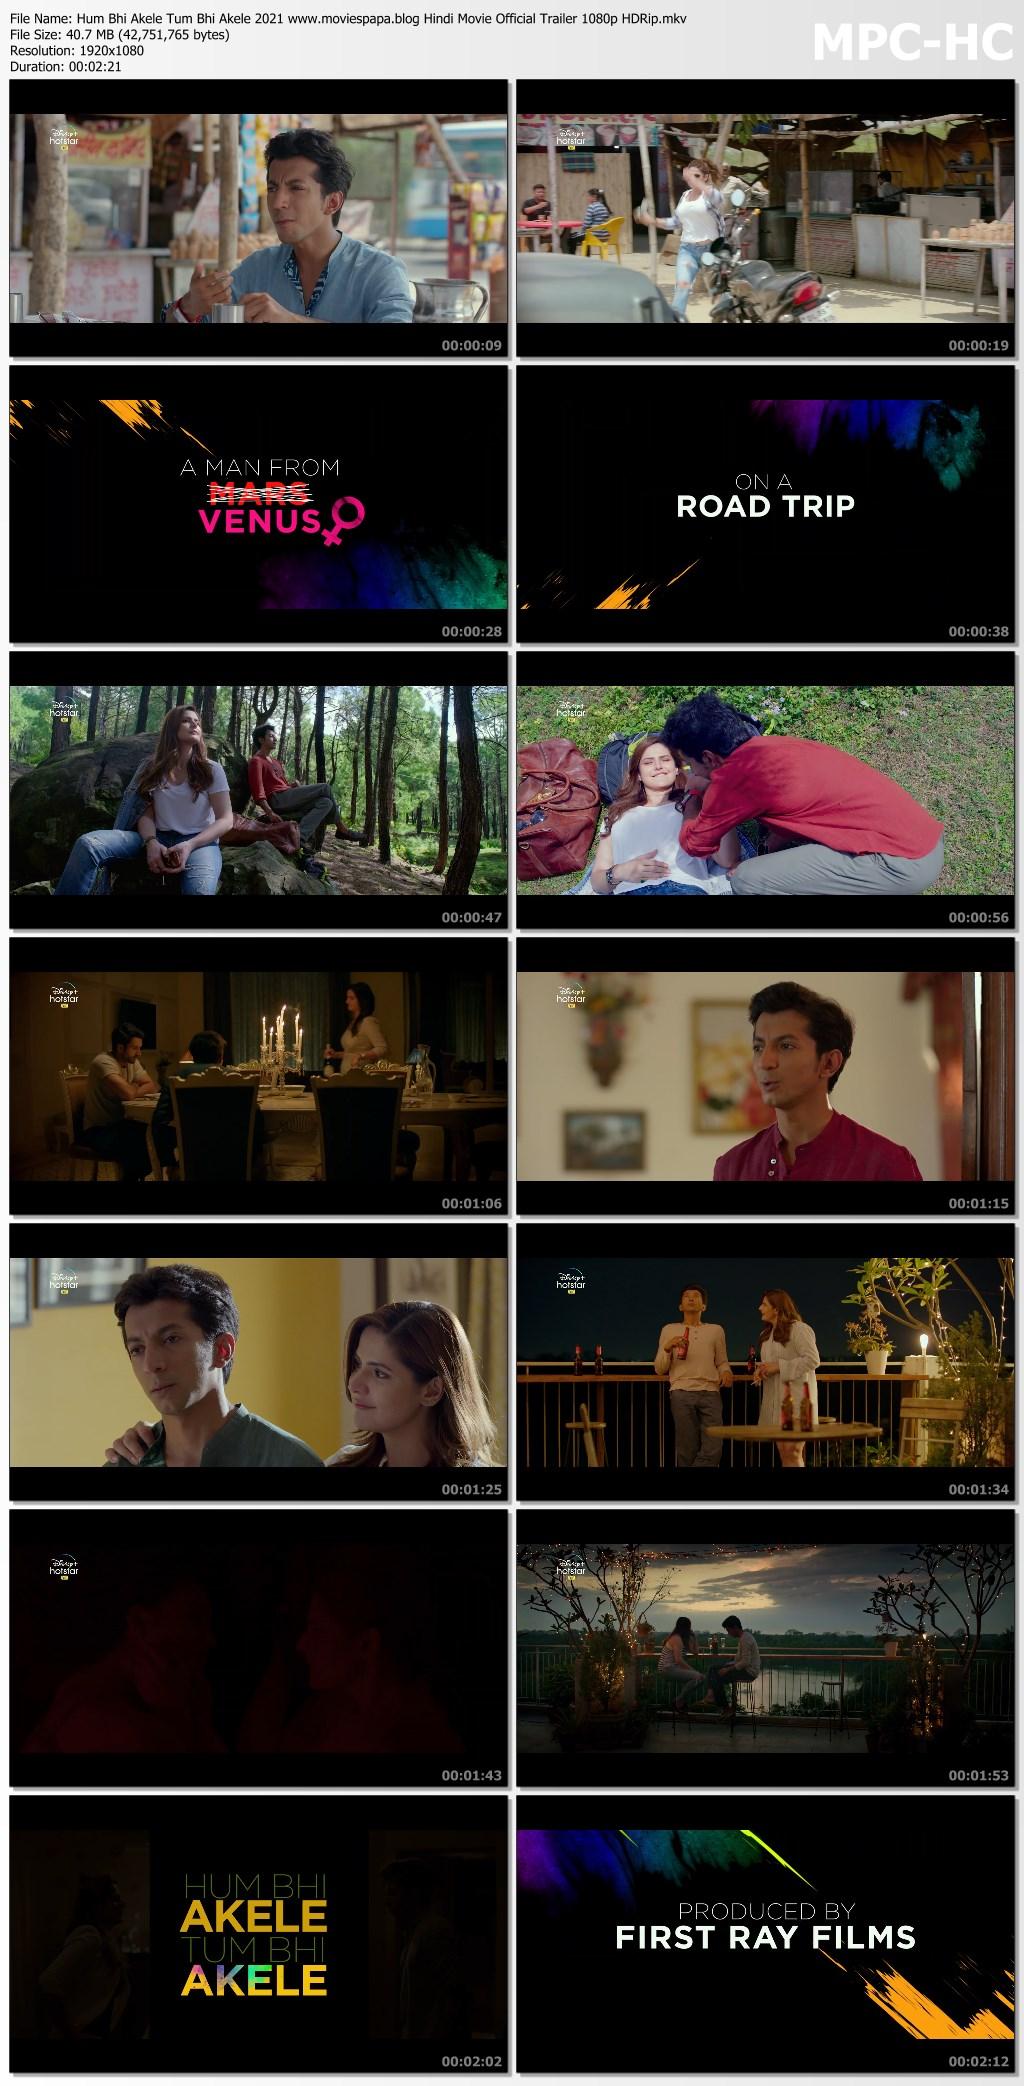 Hum Bhi Akele Tum Bhi Akele 2021 screenshot HDMoviesFair